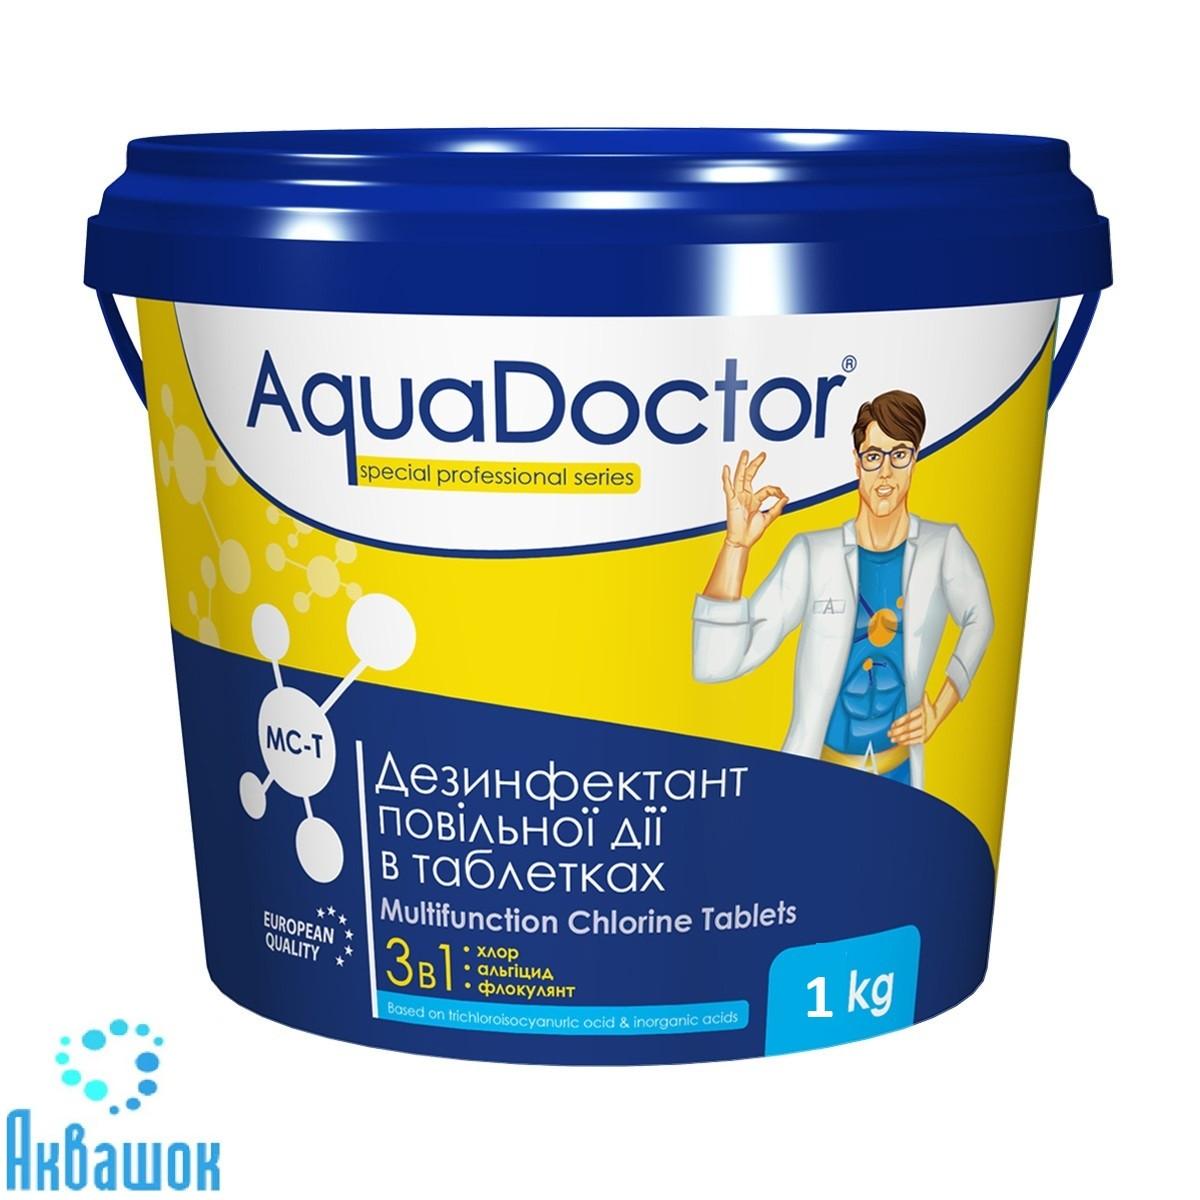 Таблетки 200 г 3 в 1 AquaDoctor MC-T 1 кг